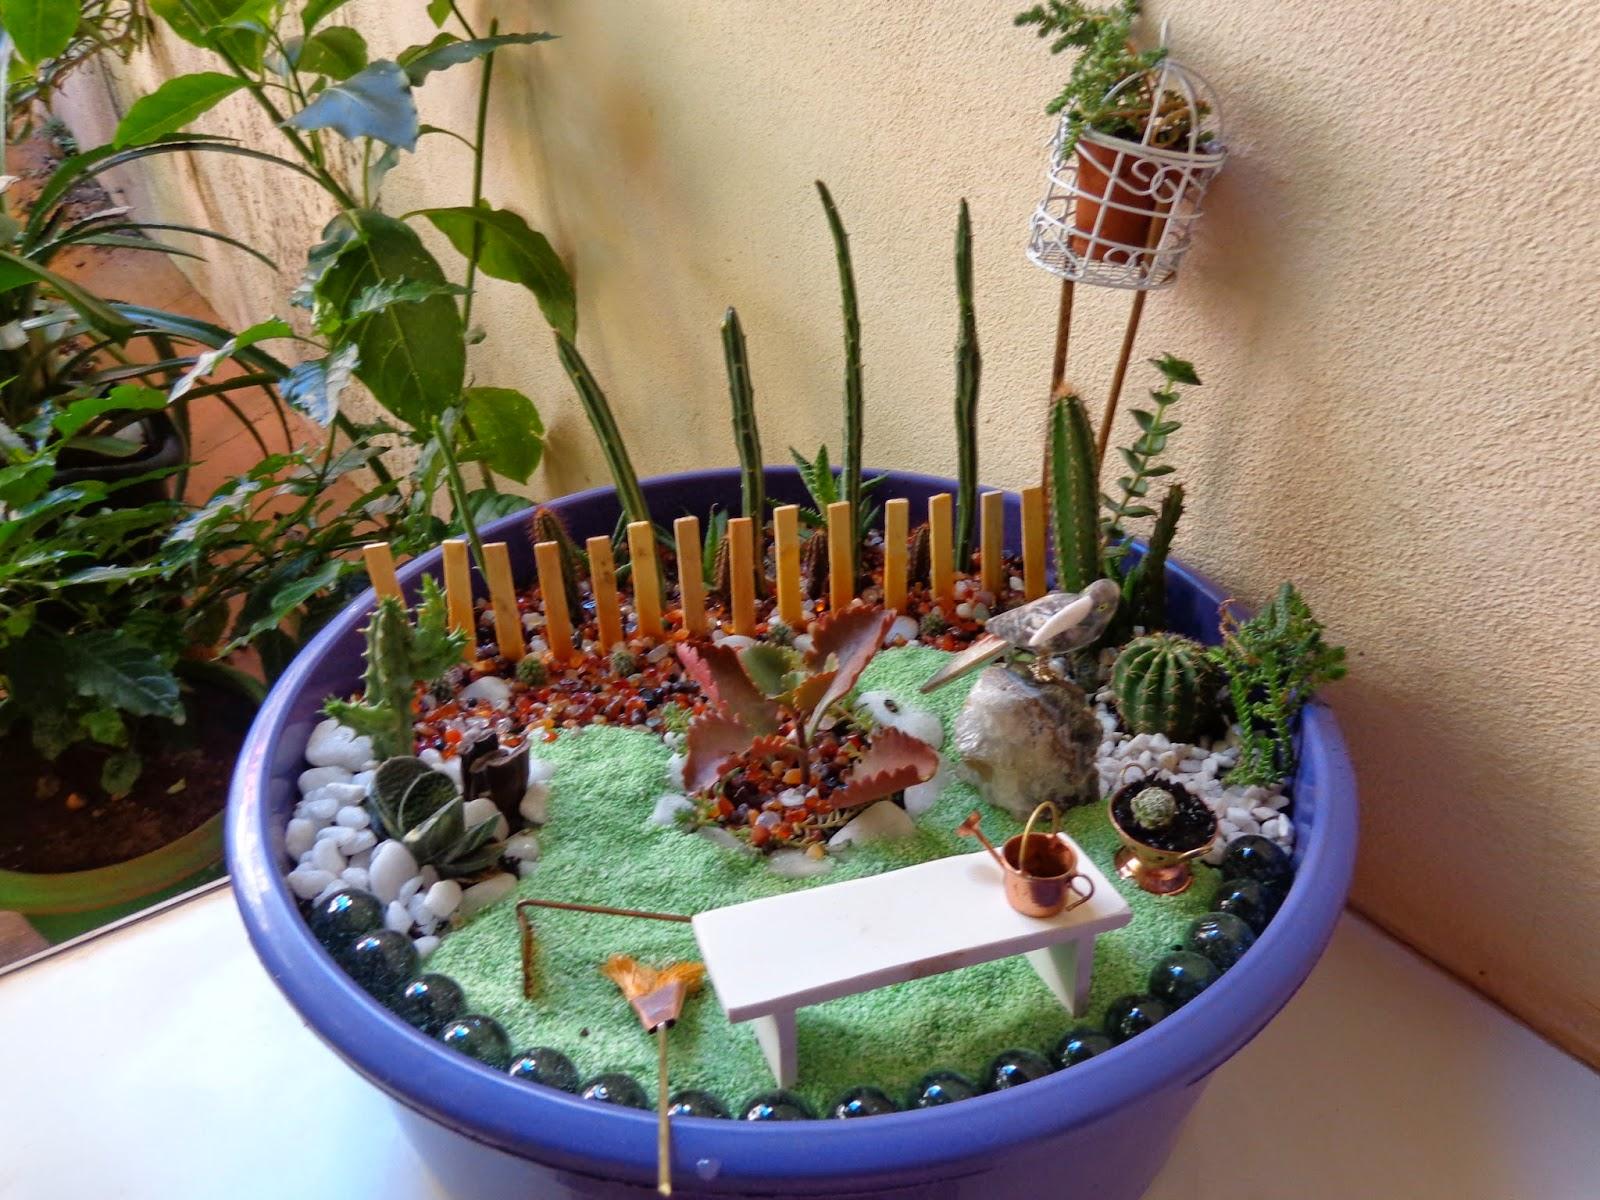 embaixo Bolinhas de gude, palitinhos de picolé, pedrinhas pra jardim